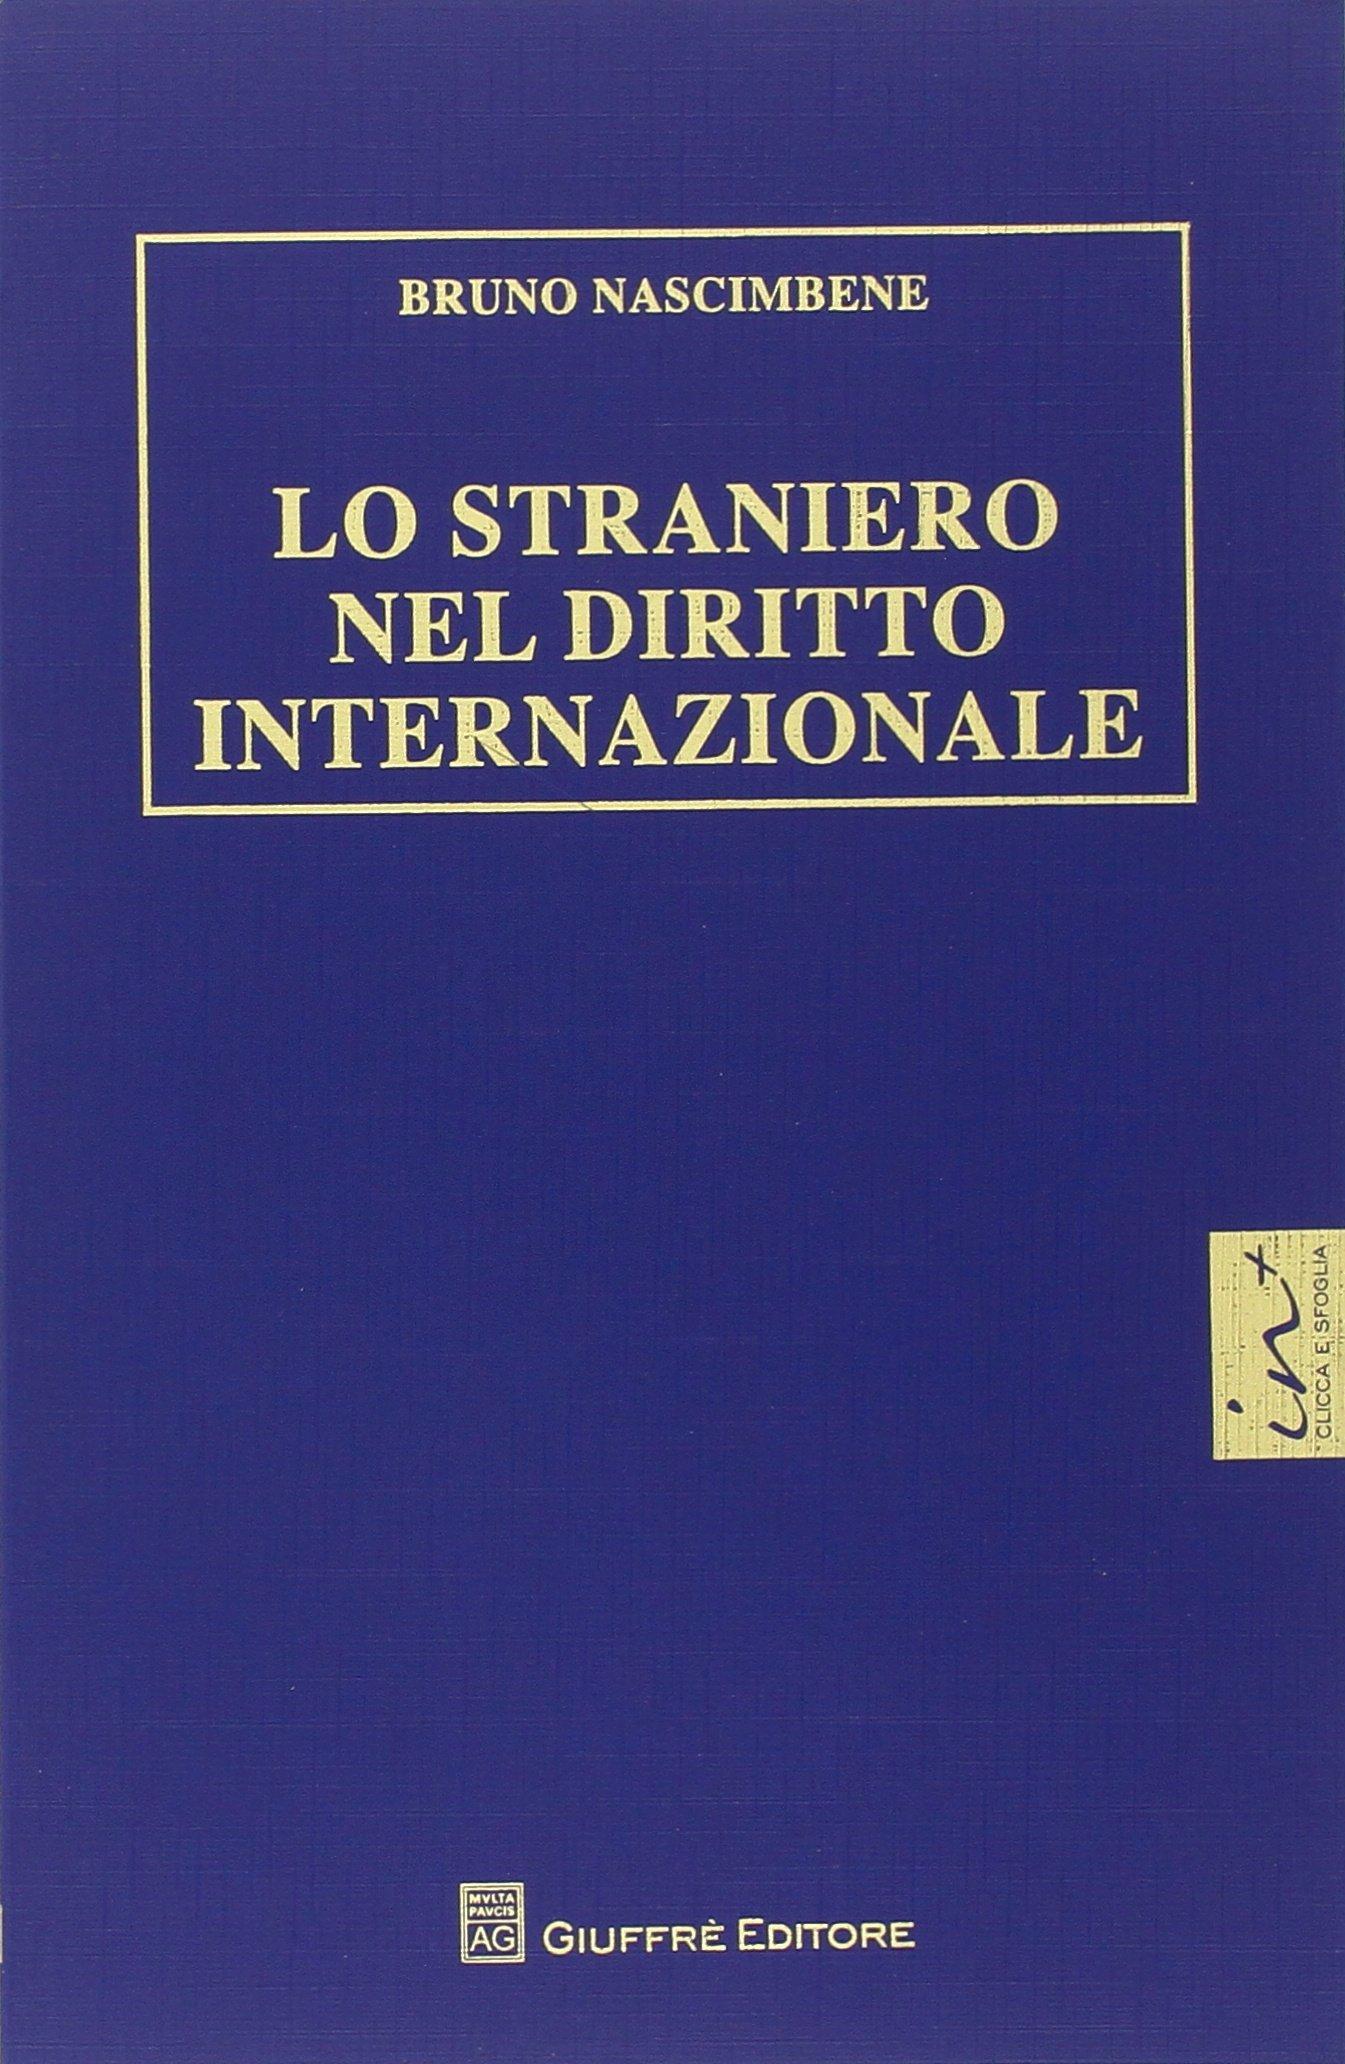 Lo straniero nel diritto internazionale Copertina flessibile – 23 dic 2015 Bruno Nascimbene Giuffrè 8814211647 Diritto: immigrazione